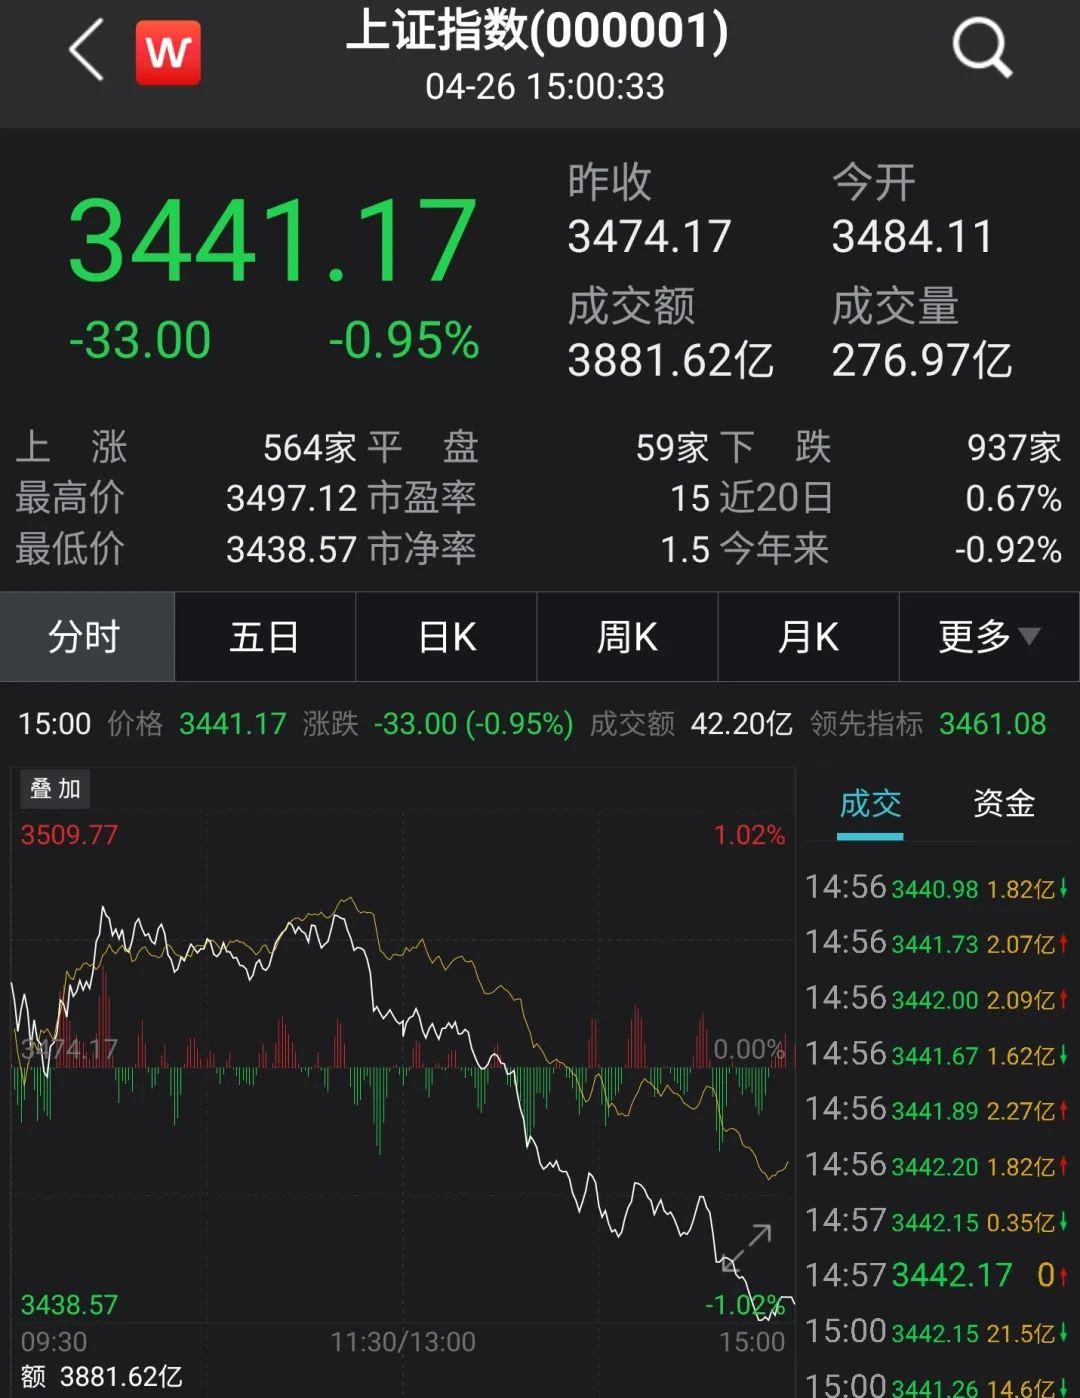 A股冲高回落,成交逾9000亿,医药股掀涨停潮, 景顺长城:已现局部热点,但市场反弹动能可能较弱